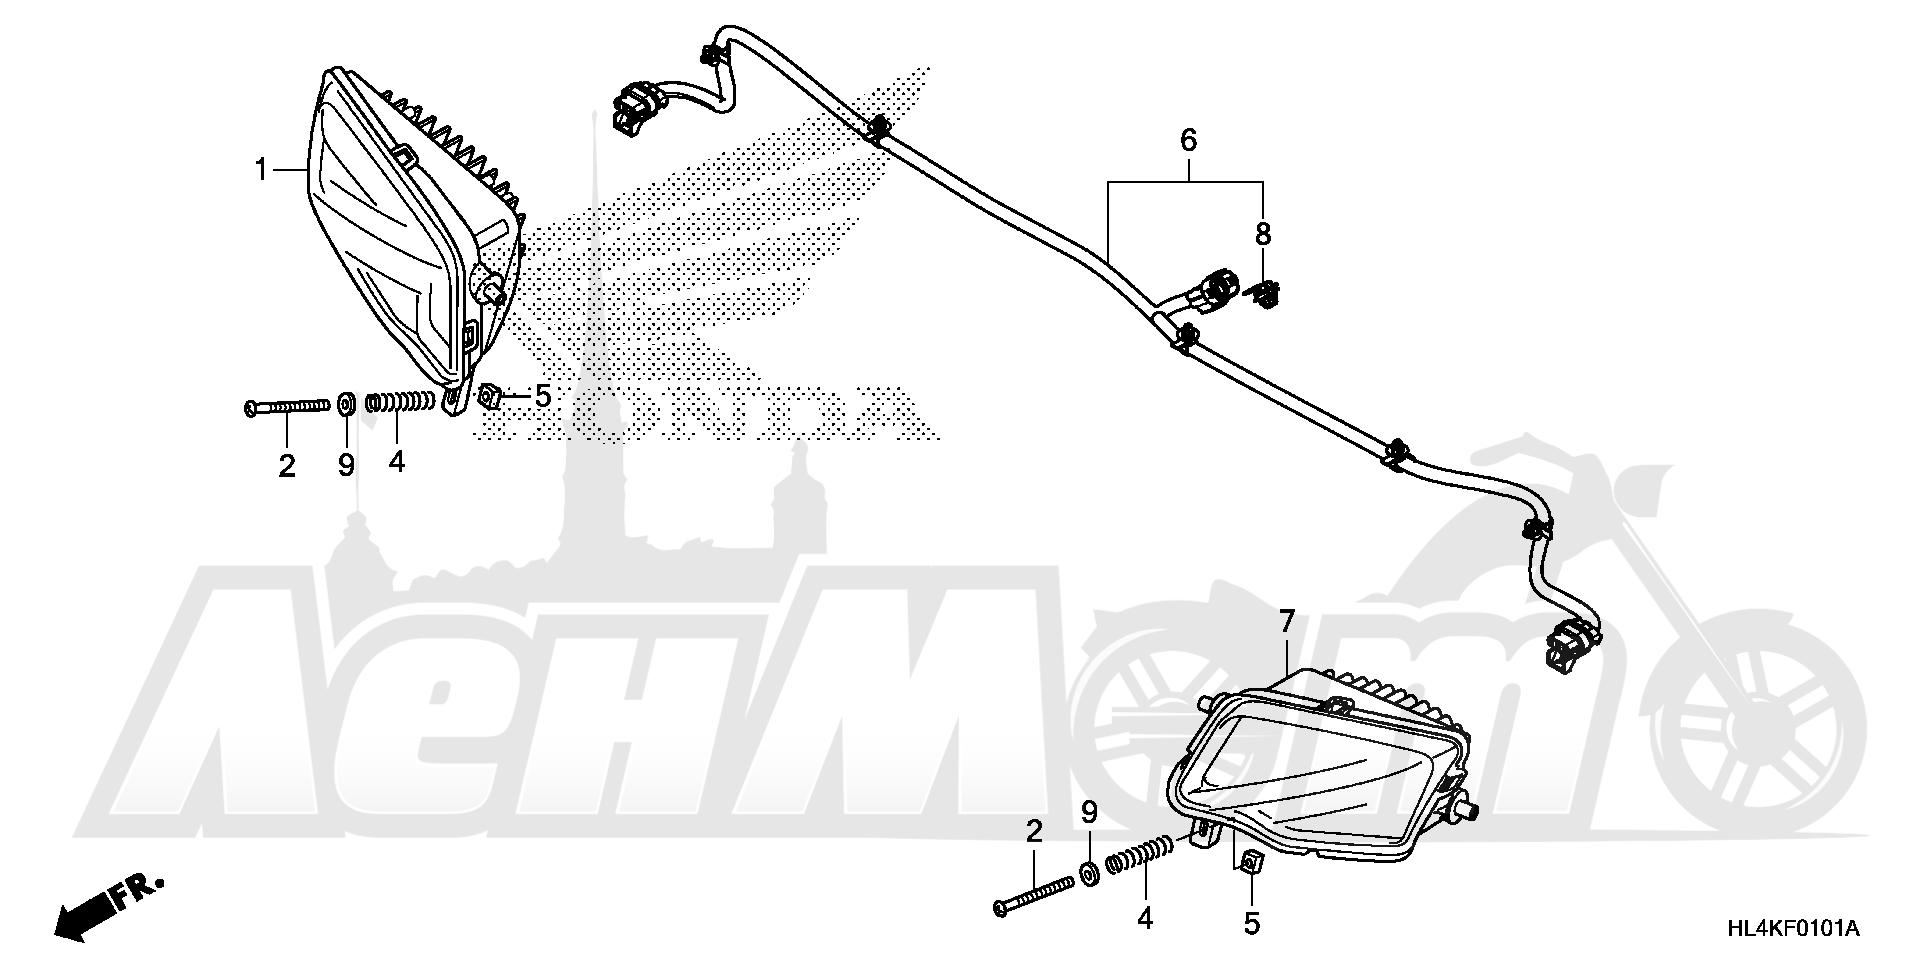 Запчасти для Квадроцикла Honda 2019 SXS1000M5D Раздел: HEADLIGHT (2)   передняя фара (2)